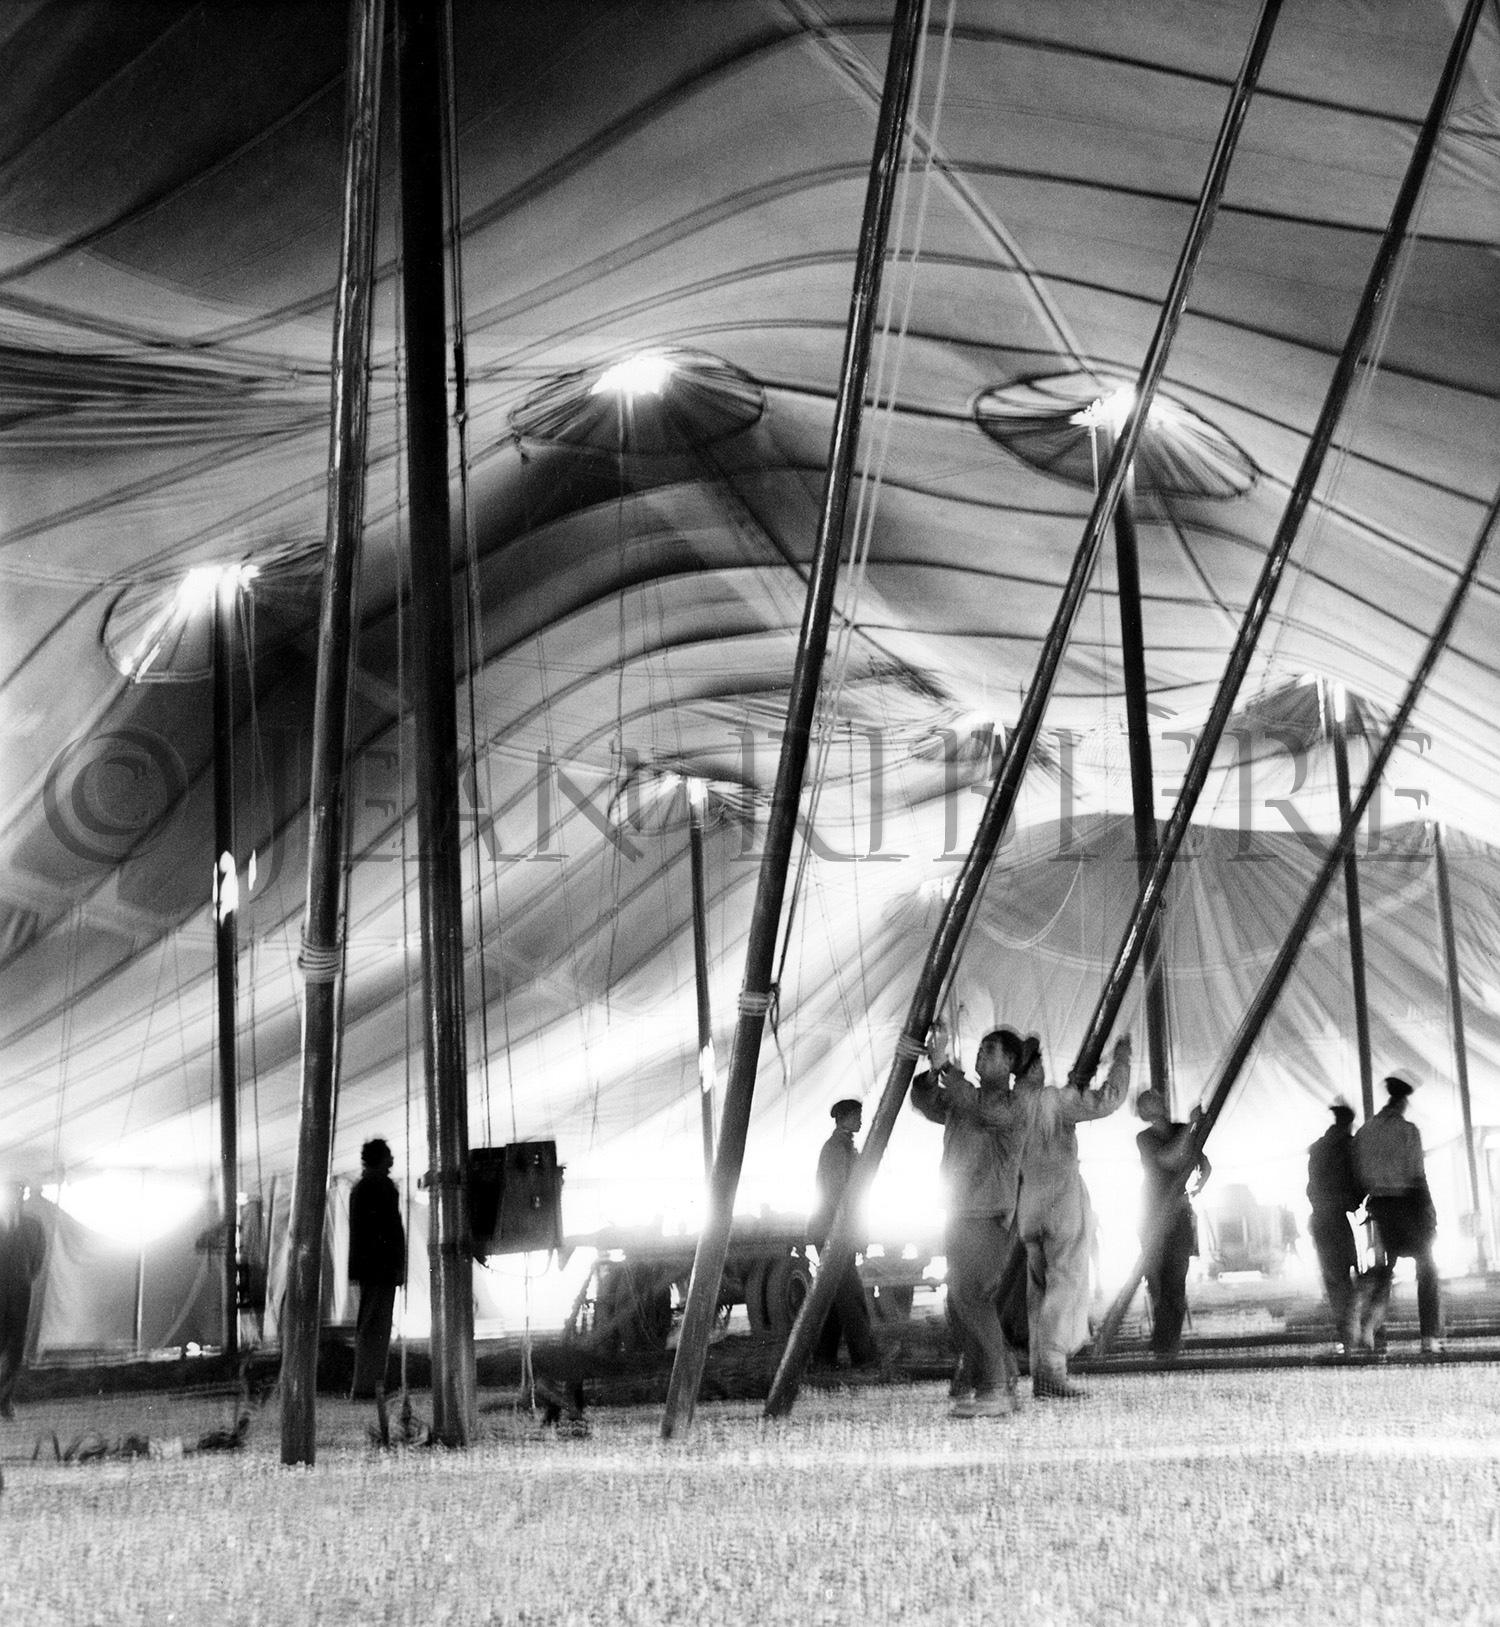 Montage du chapiteau du cirque